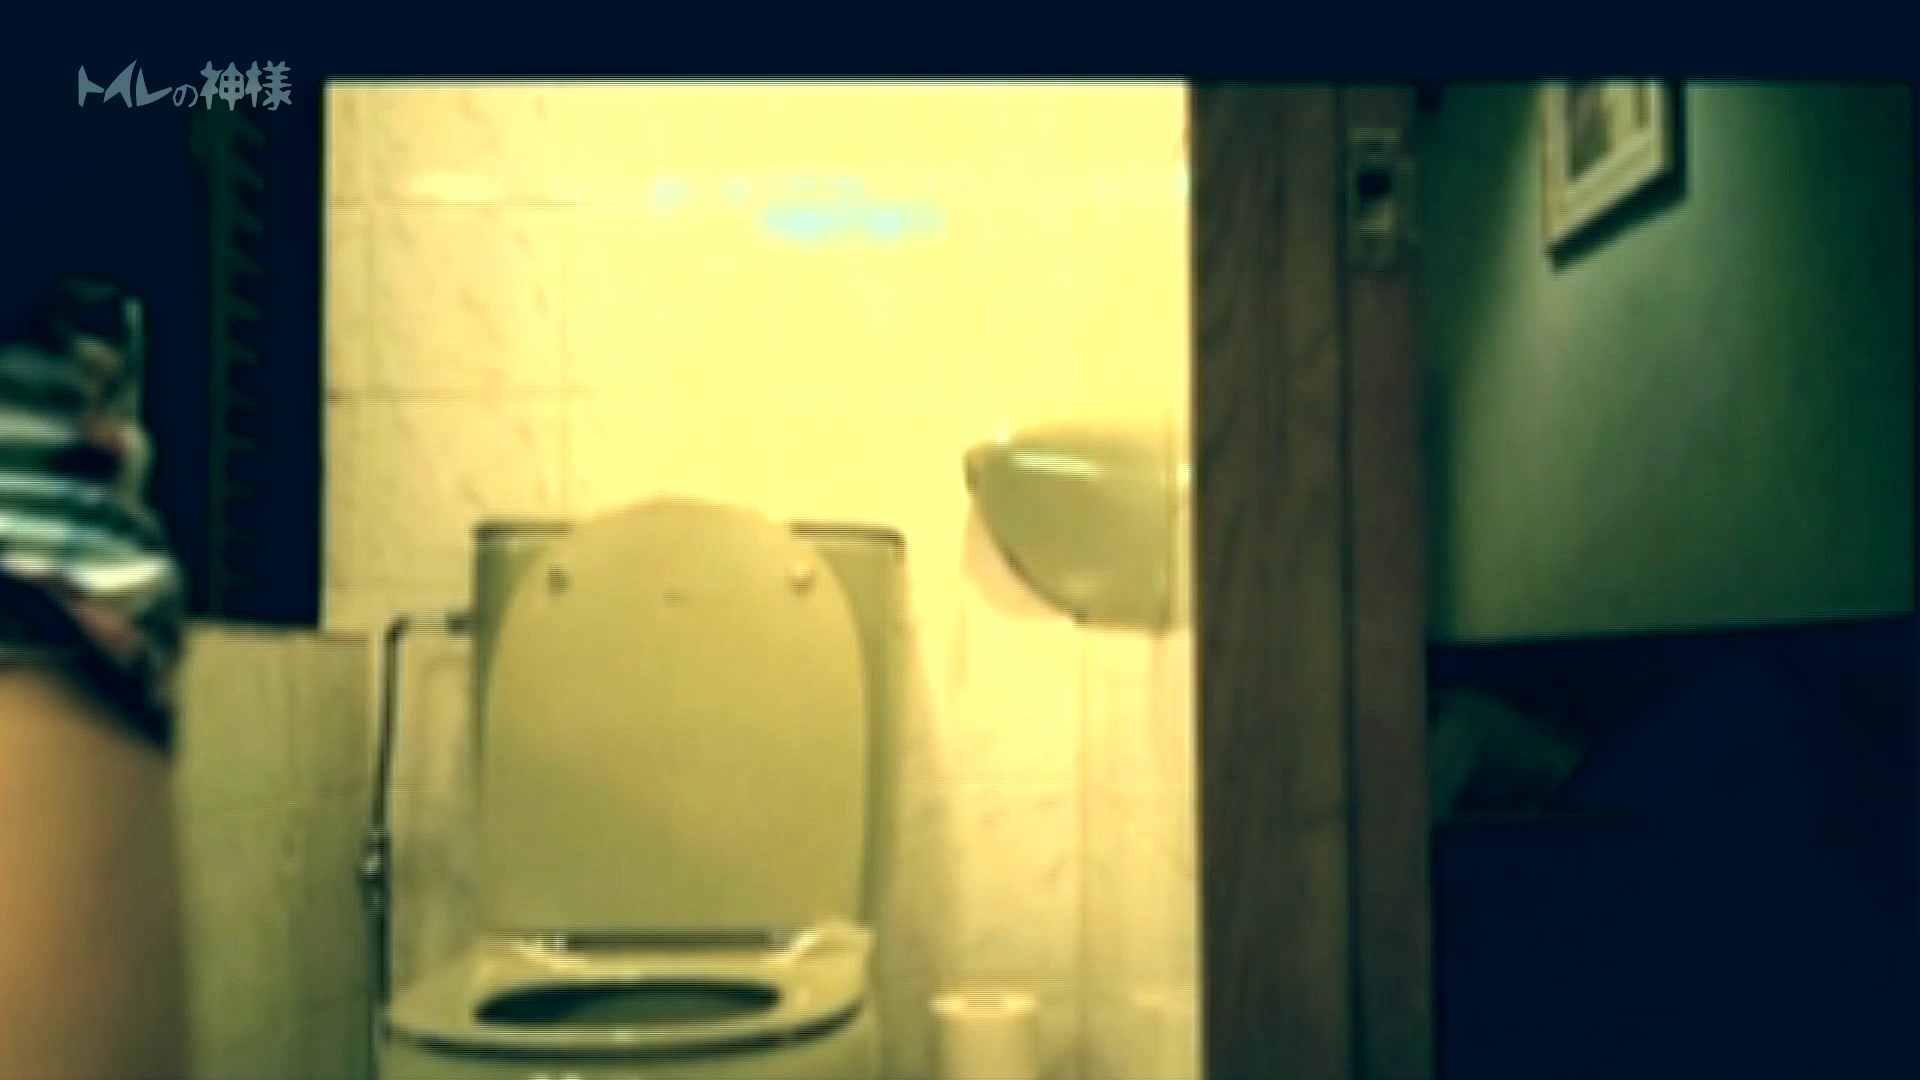 トイレの神様 Vol.01 花の女子大生うんこ盗撮1 トイレ盗撮 エロ画像 59pic 38